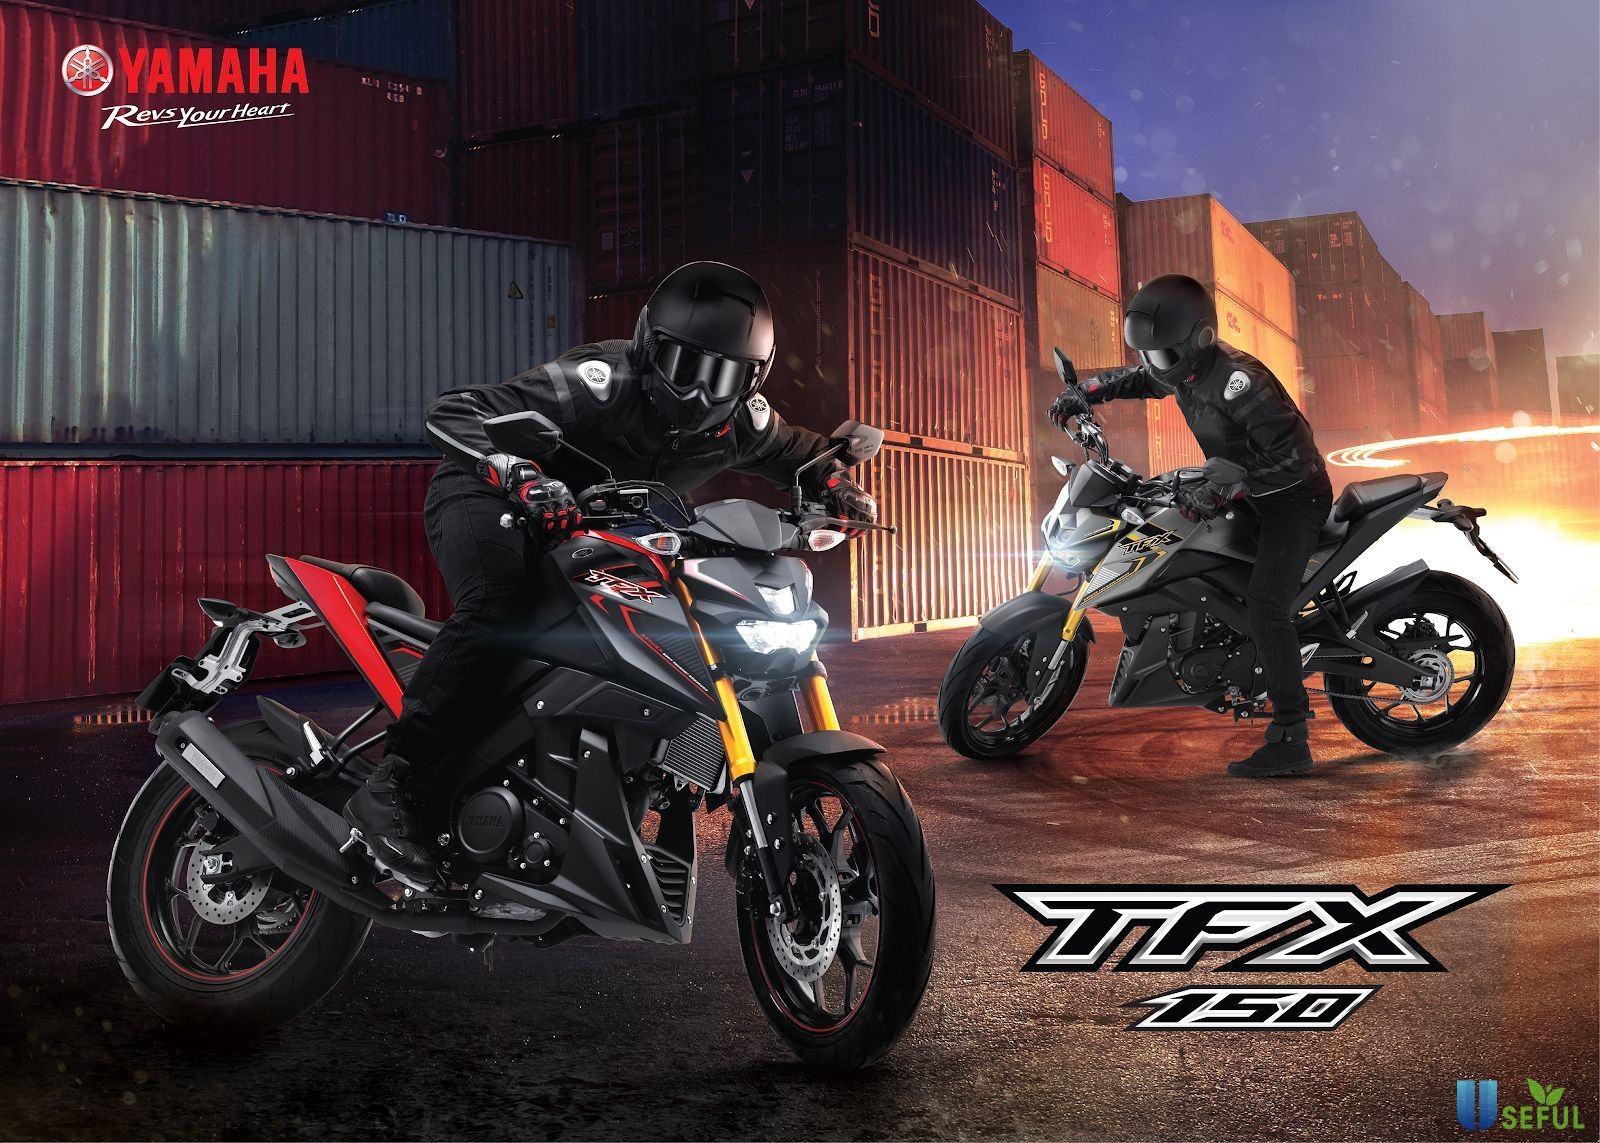 Yamaha TFX 150 phiên bản 2021 sở hữu thiết kế mạnh mẽ, cá tính và năng động